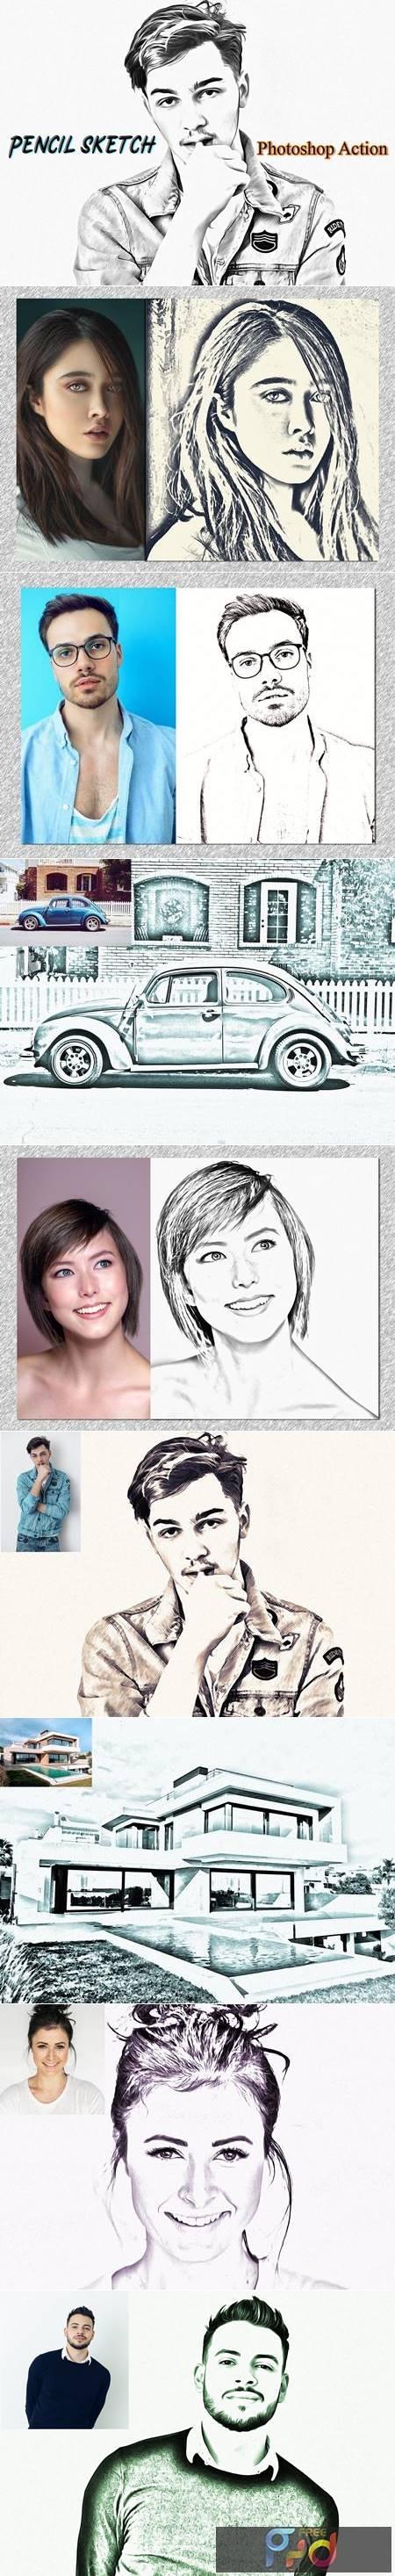 Pencil Sketch Photoshop Action 4822405 1